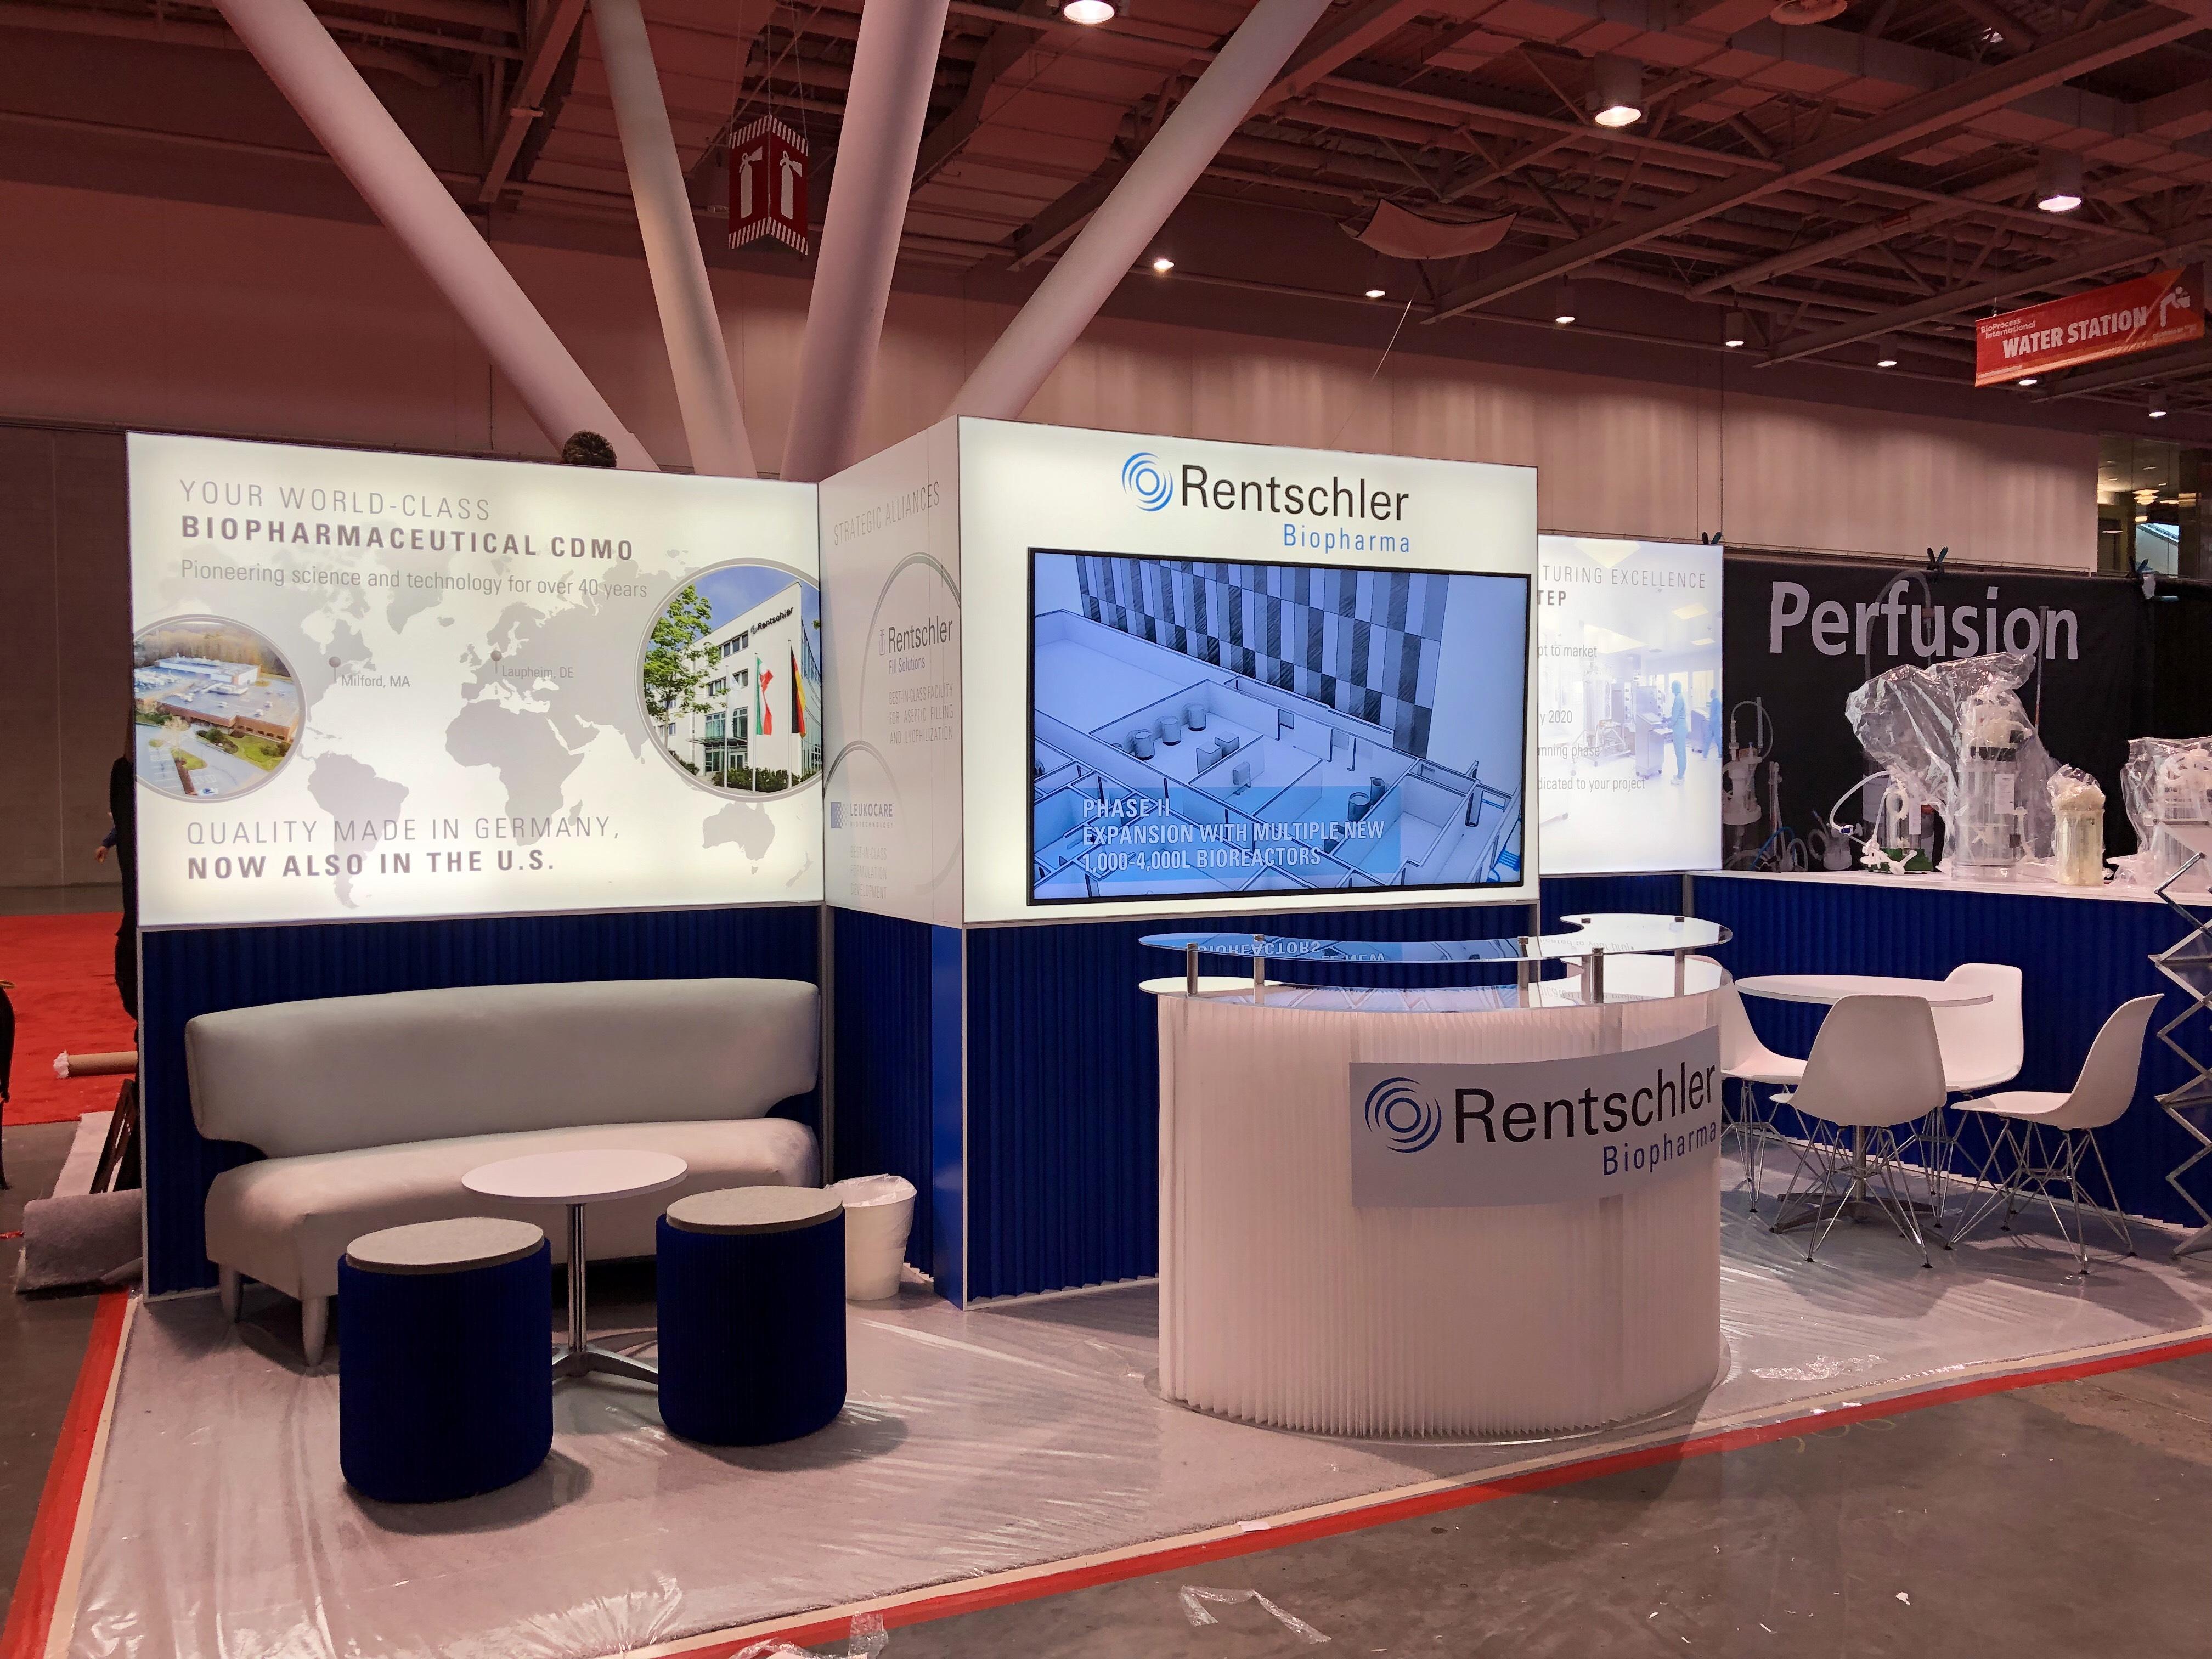 Rentschler Booth at BioProcess International